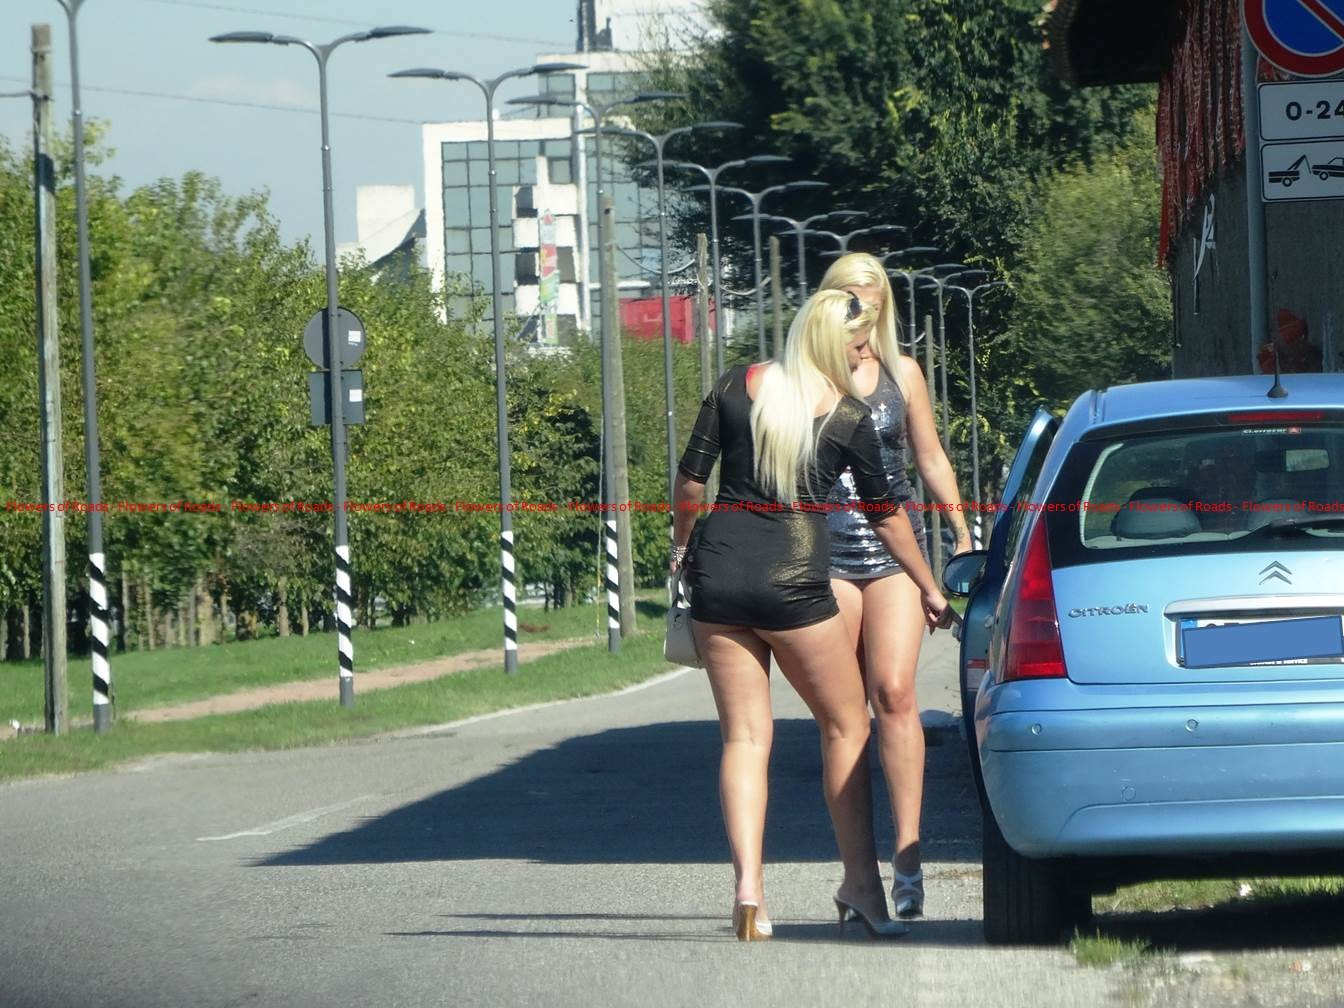 Сексуальная проститутка стоит на трассе